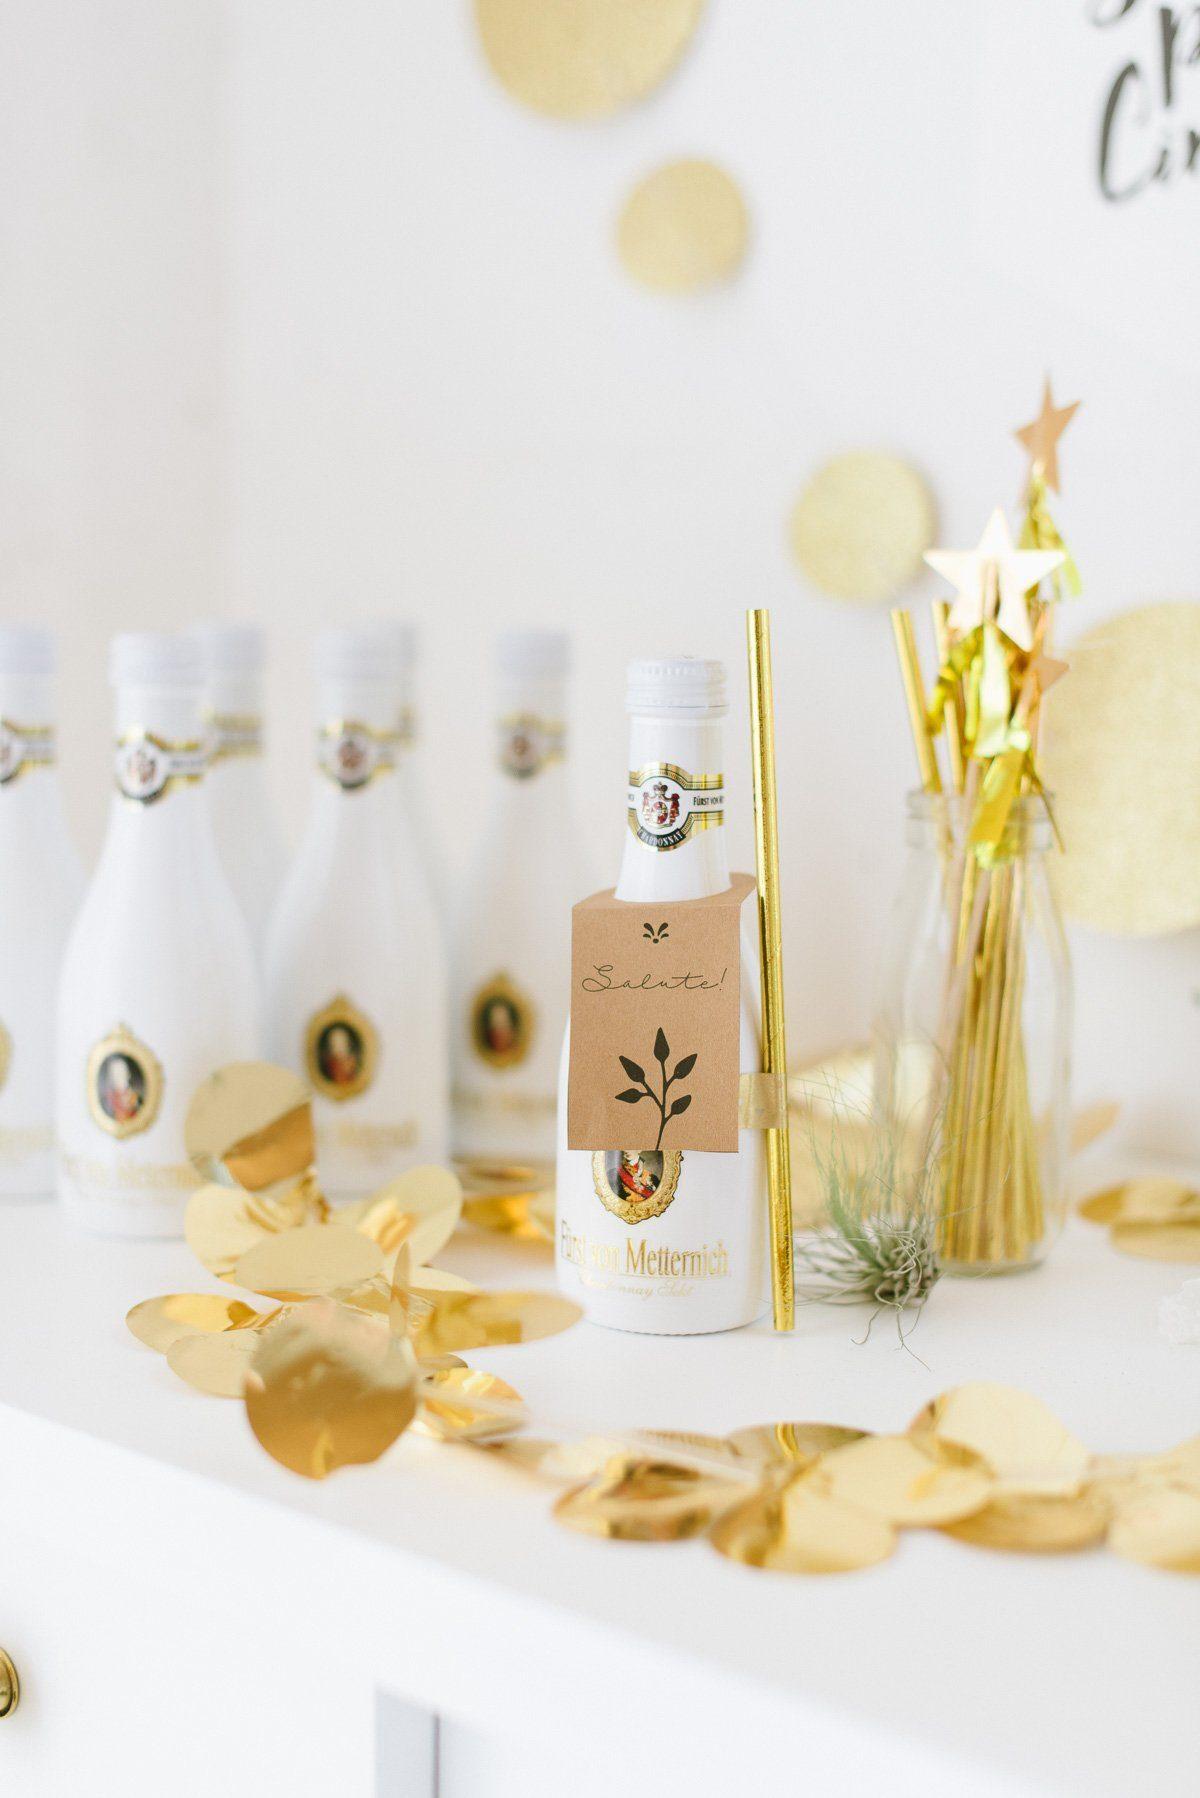 Gastgeschenk: Getränk mit Flaschenanhaenger